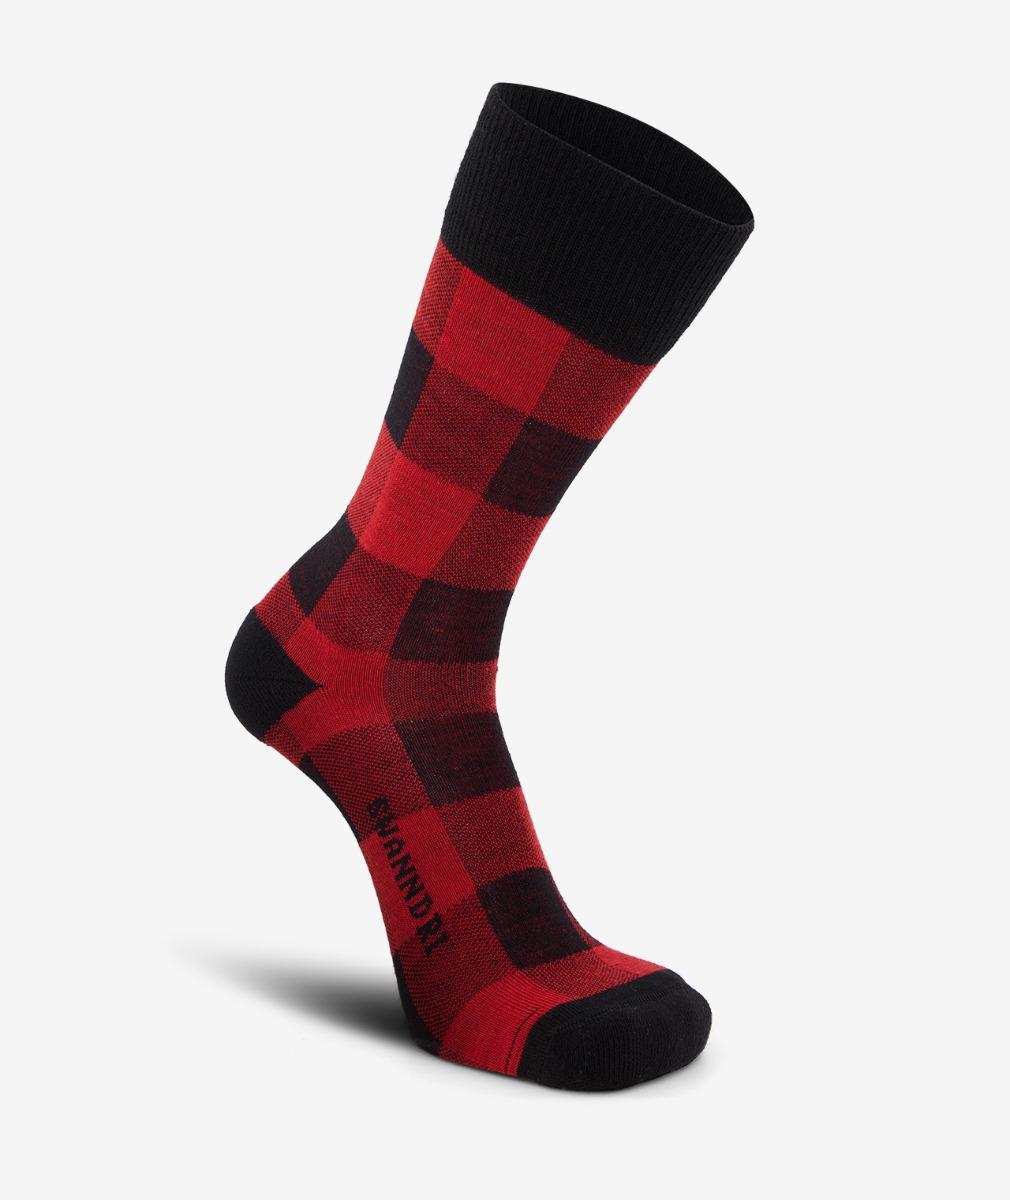 Swanndri Colombo Check Merino Sock in Red/Black Check